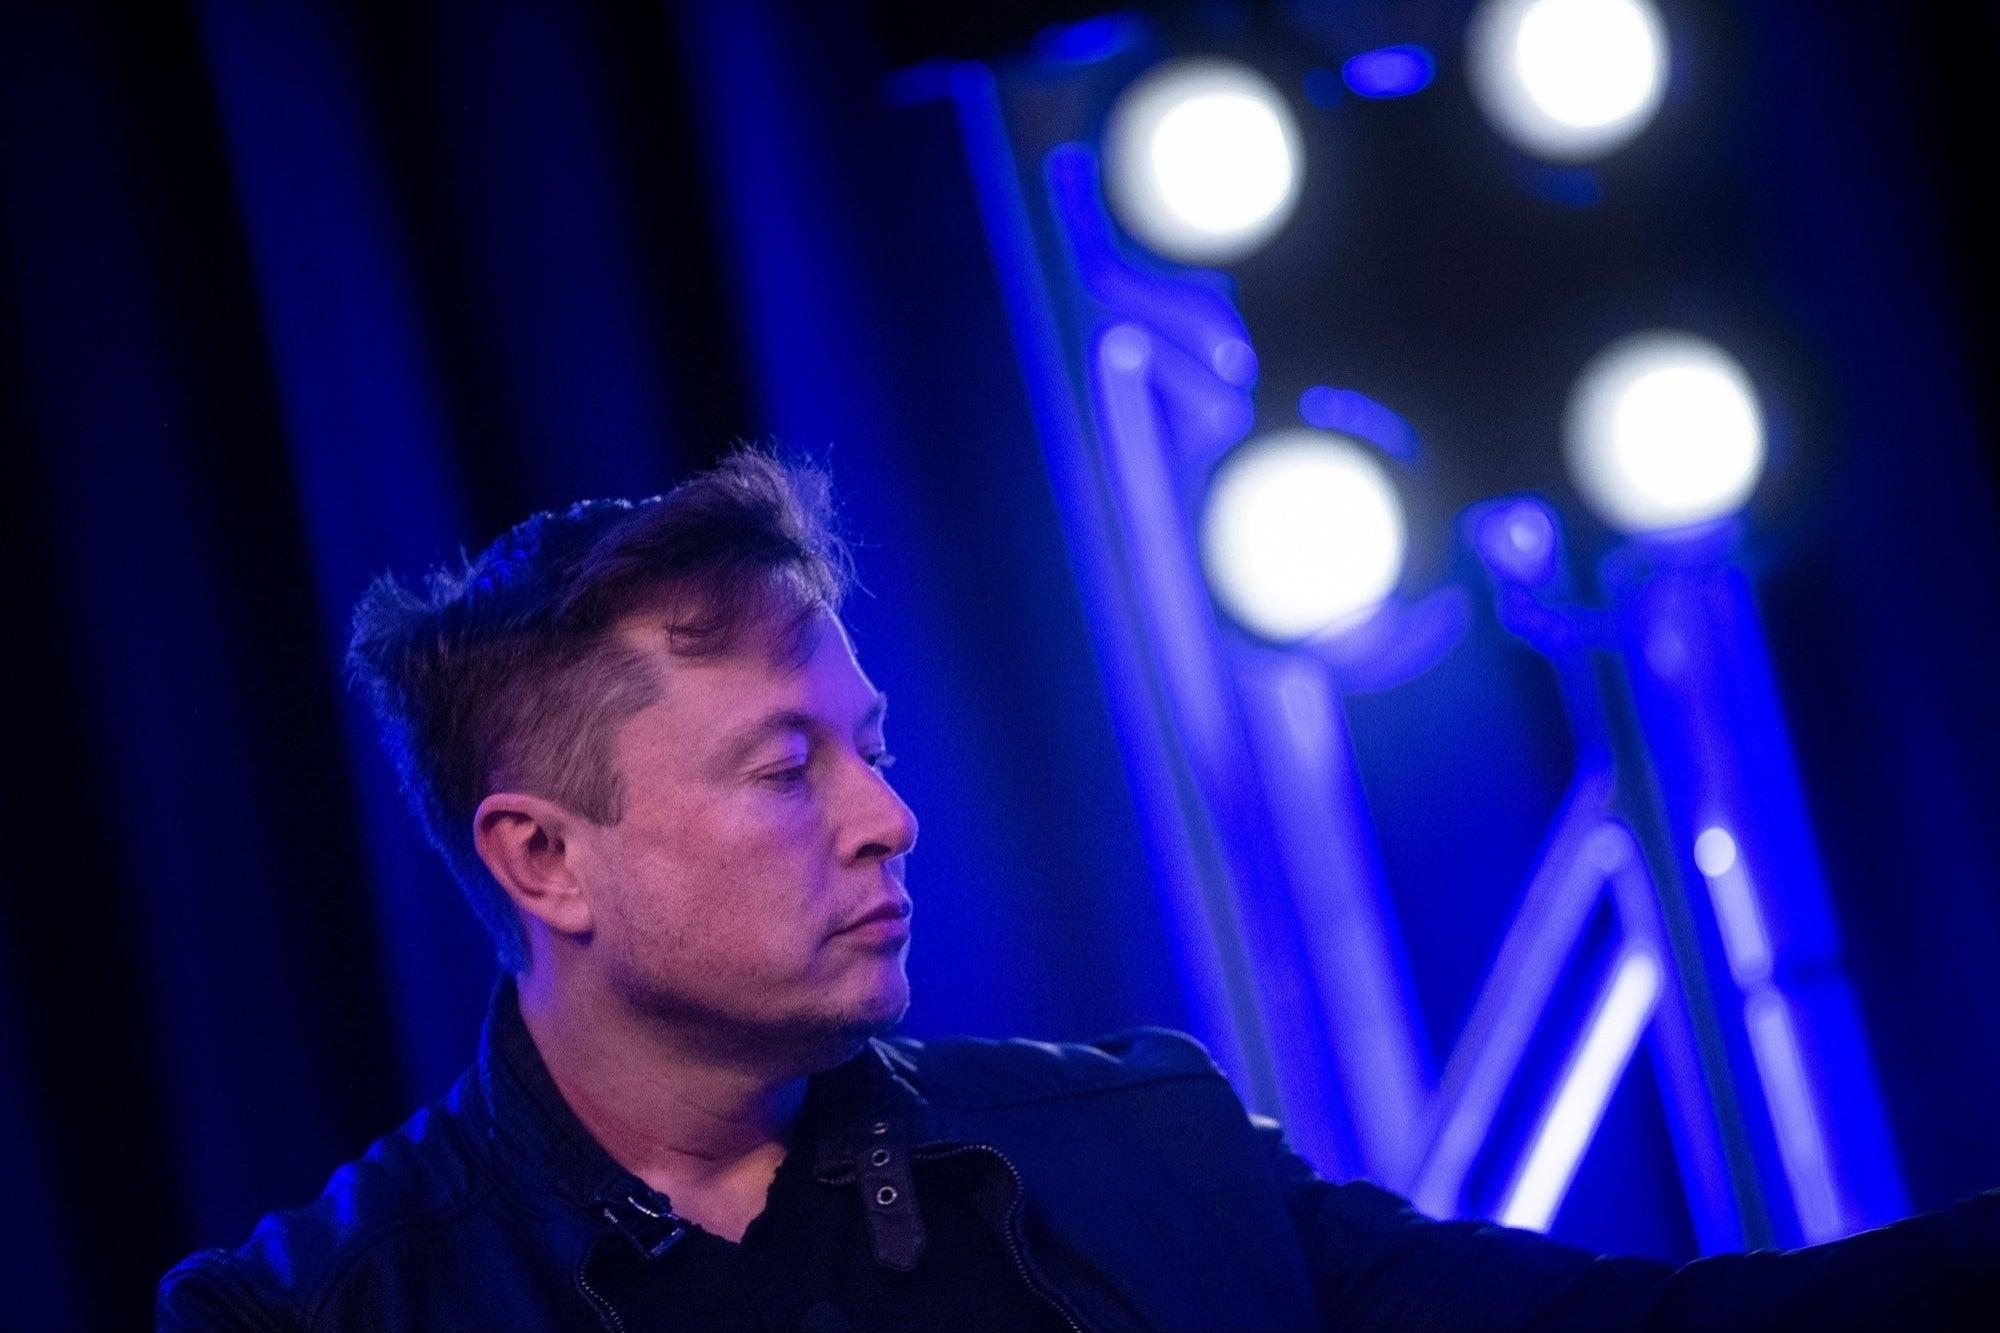 Elon Musk is richer than Bill Gates and Warren Buffett put together